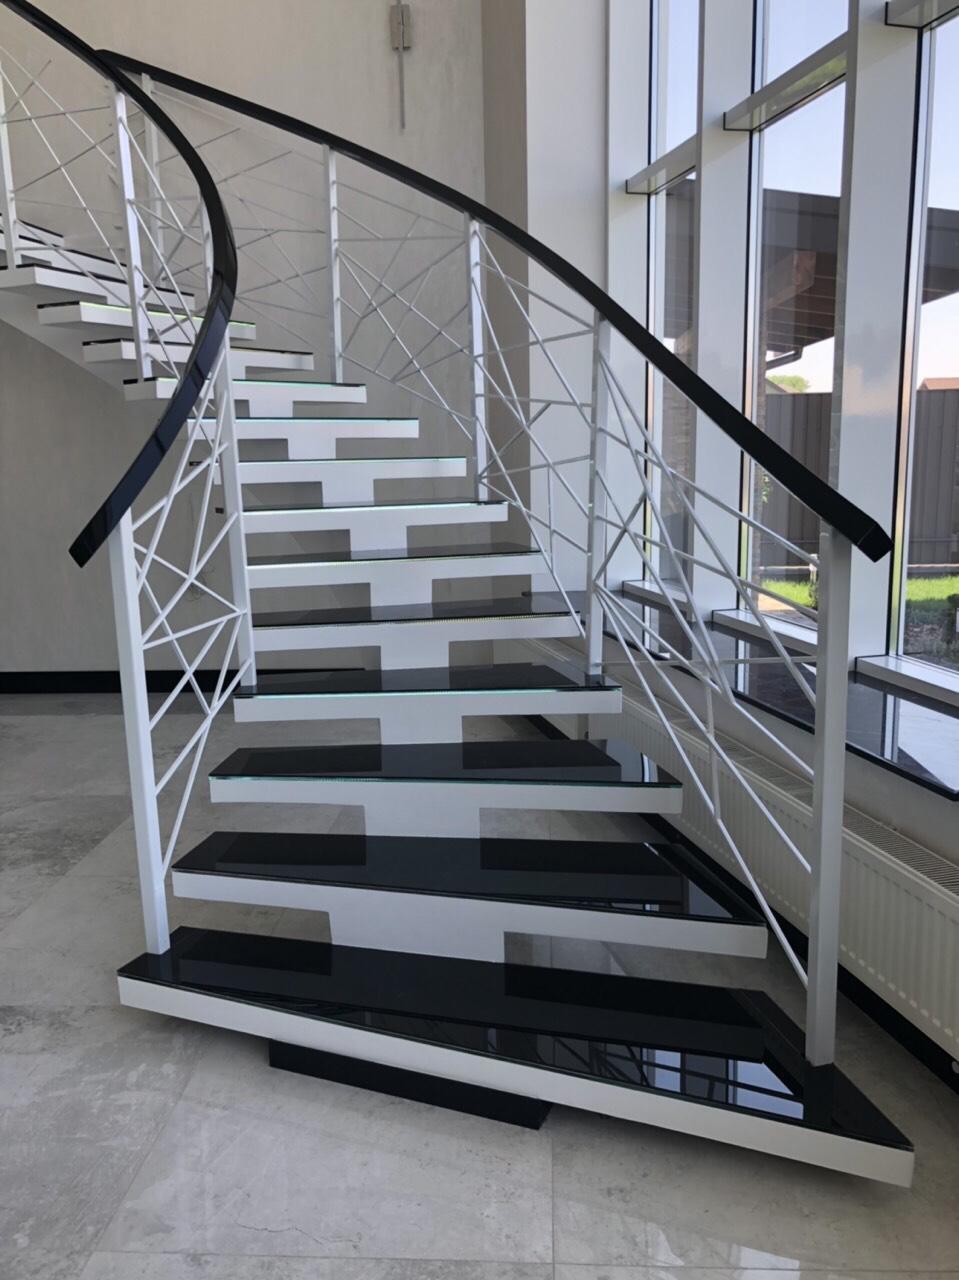 Г-Образная бетонная лестница на центральном косоуре